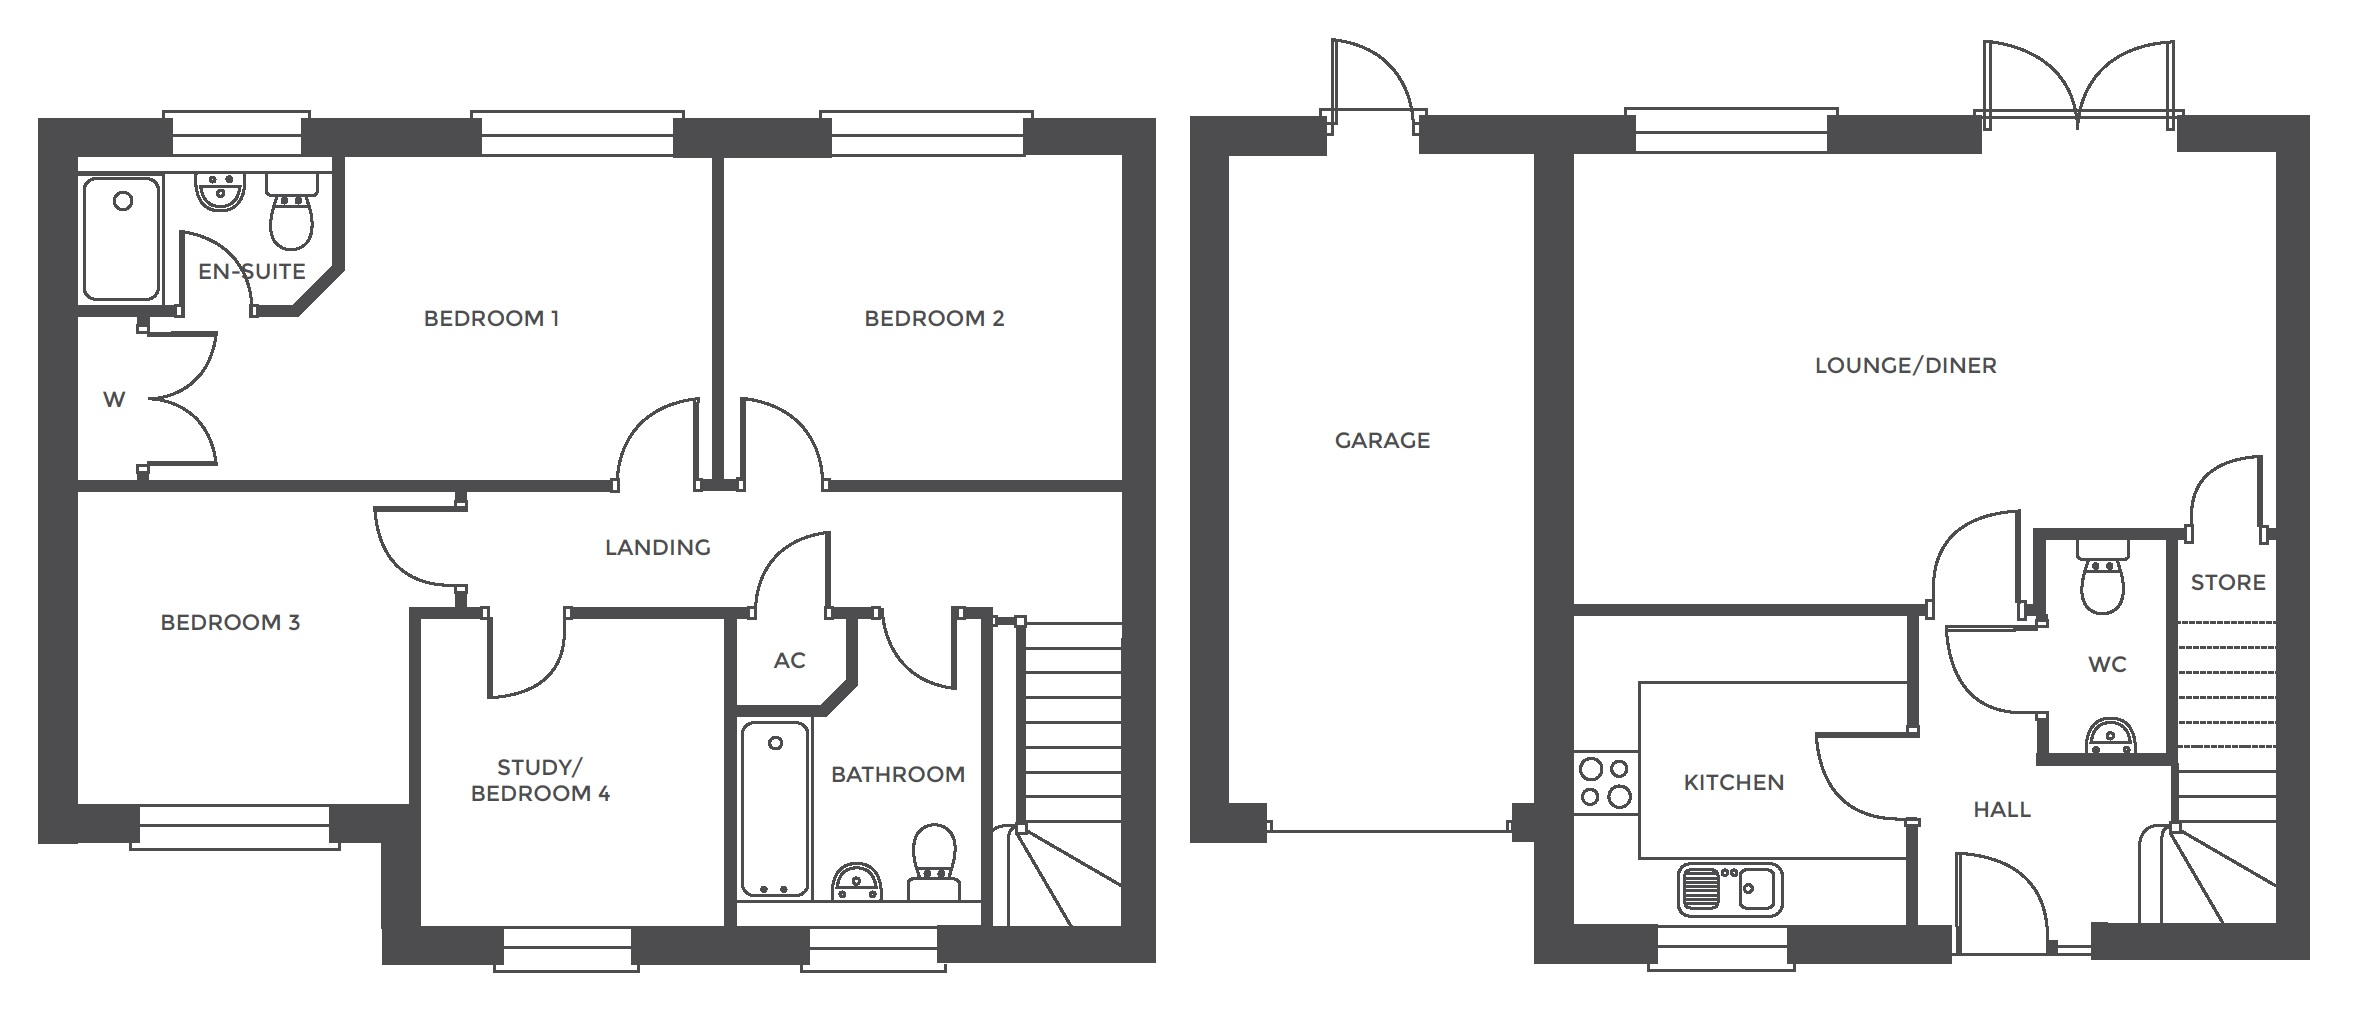 Repington Walk, Plot 8 floor plan